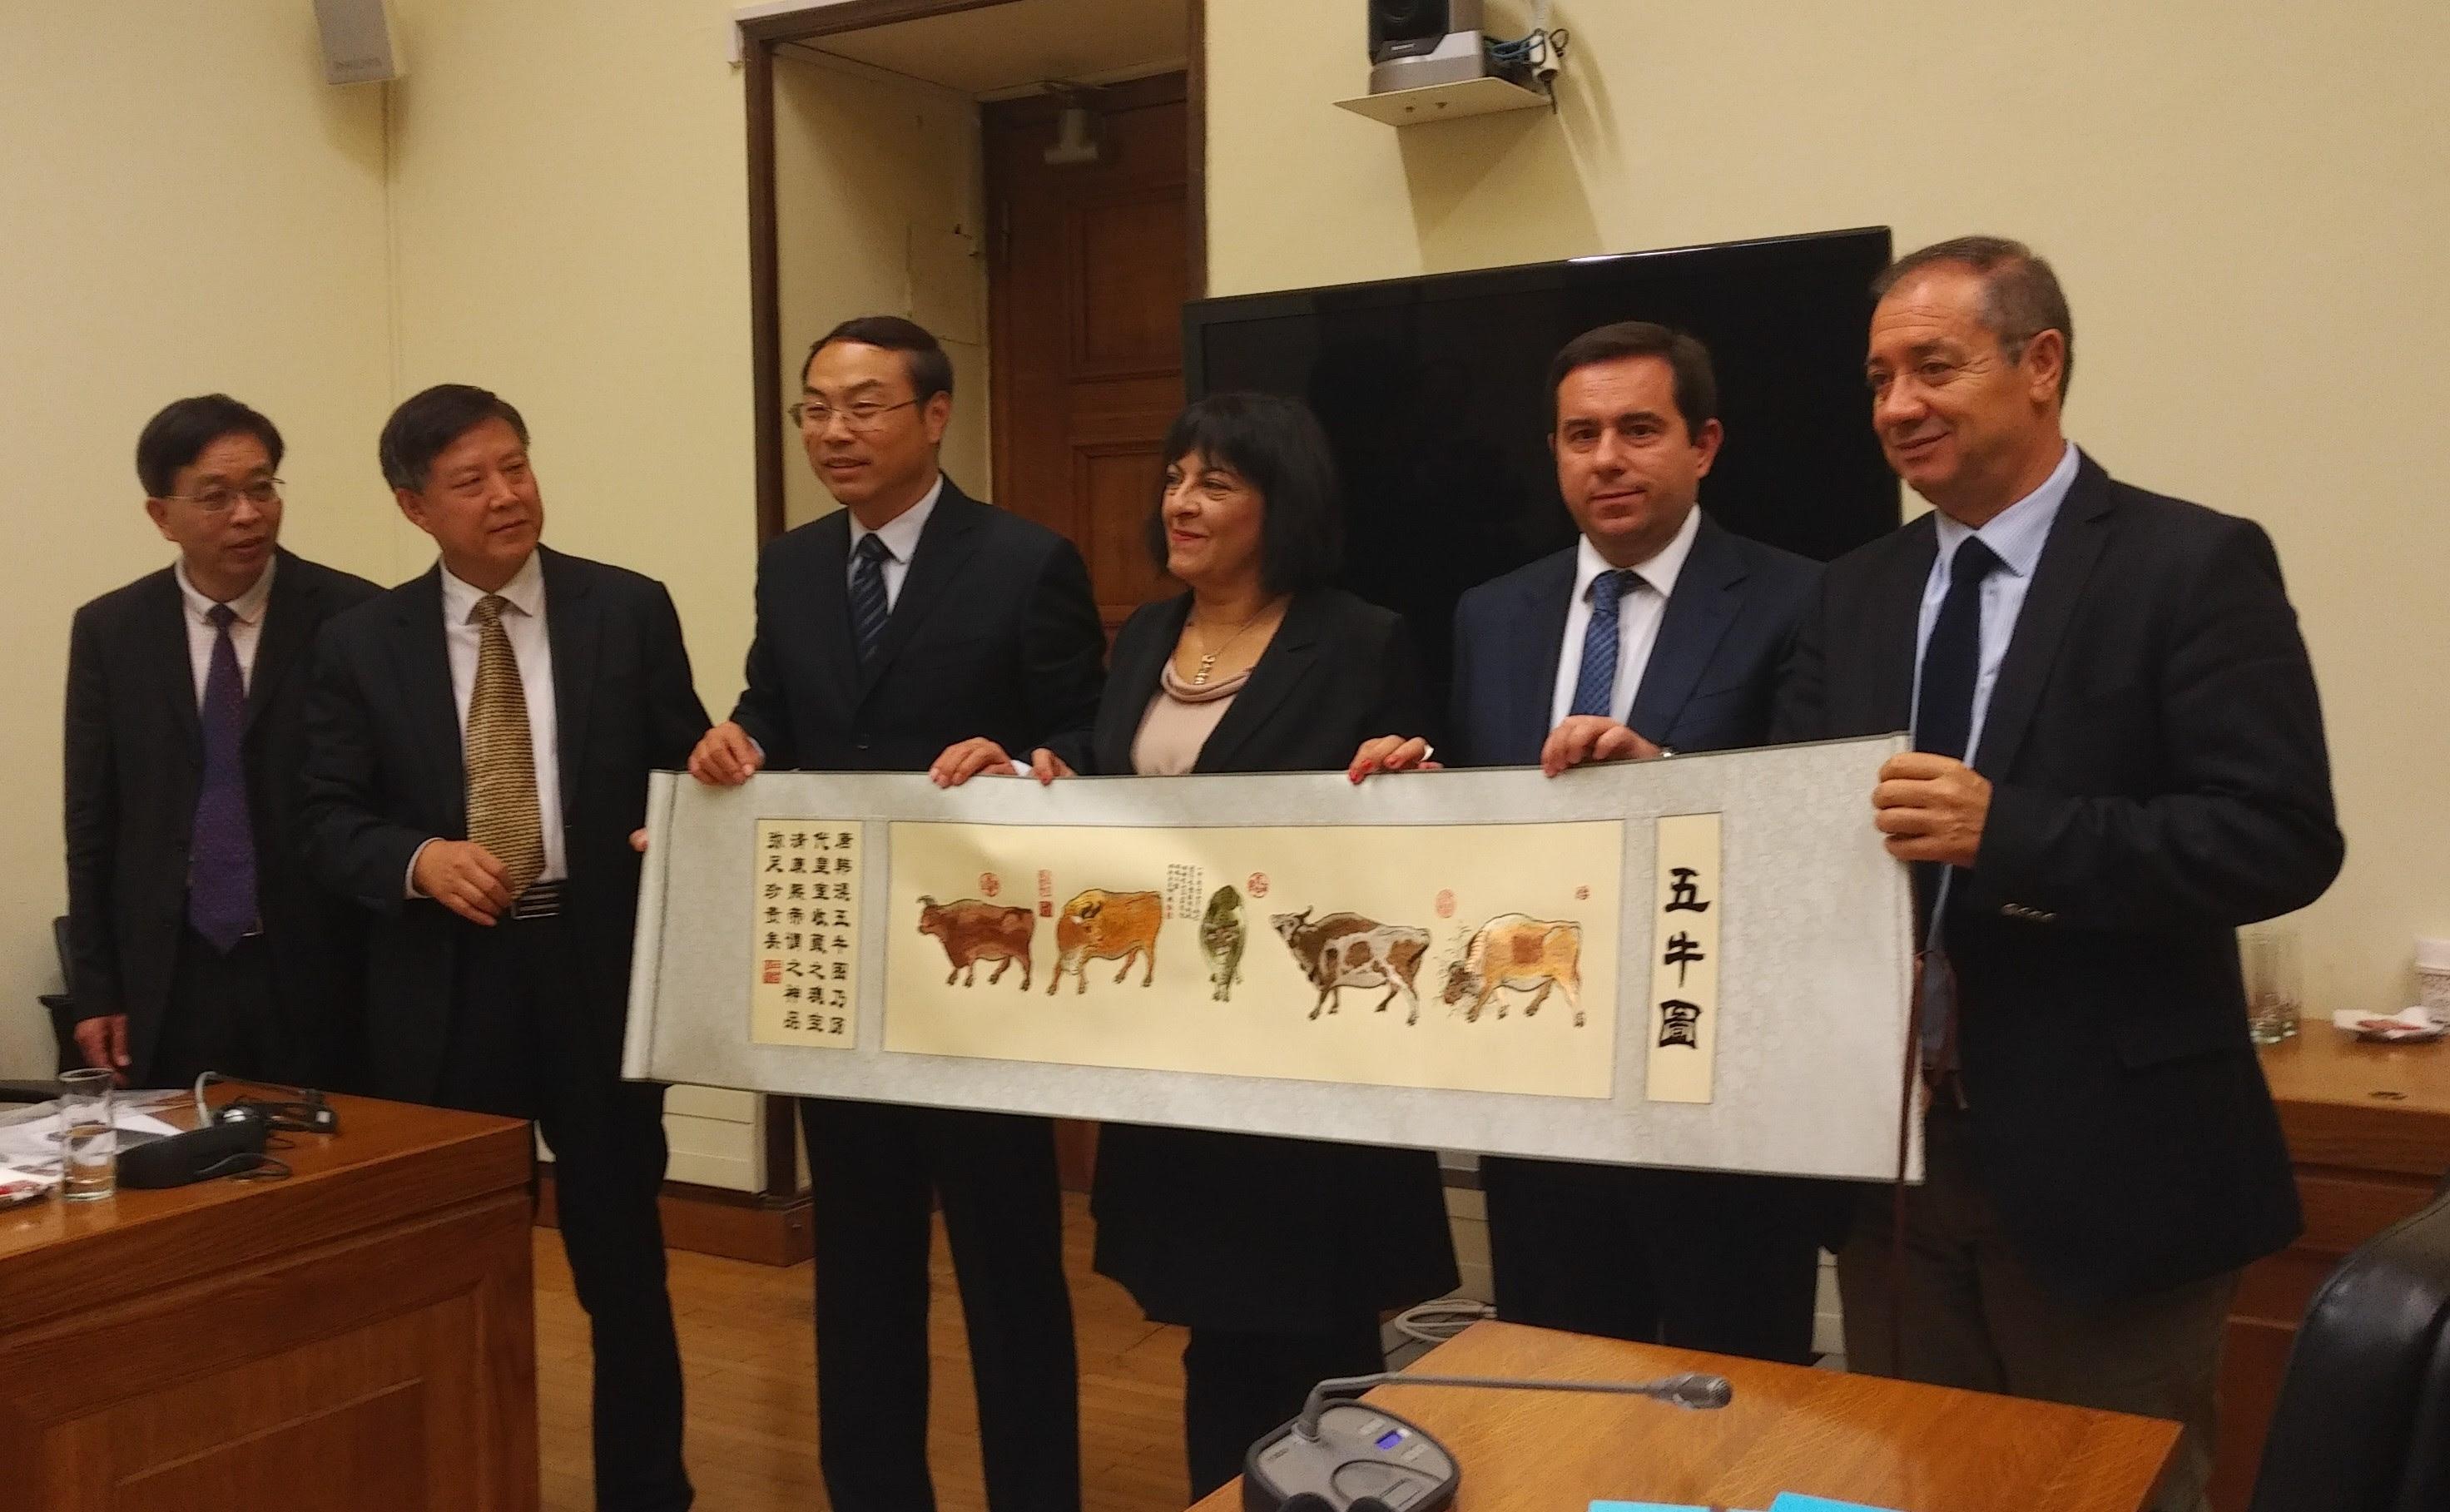 Συνάντηση Ν. Μηταράκη με τον Γενικό Γραμματέα της Βουλής της Επαρχίας Henan της Κεντρικής Κίνας κ. Ding Wei